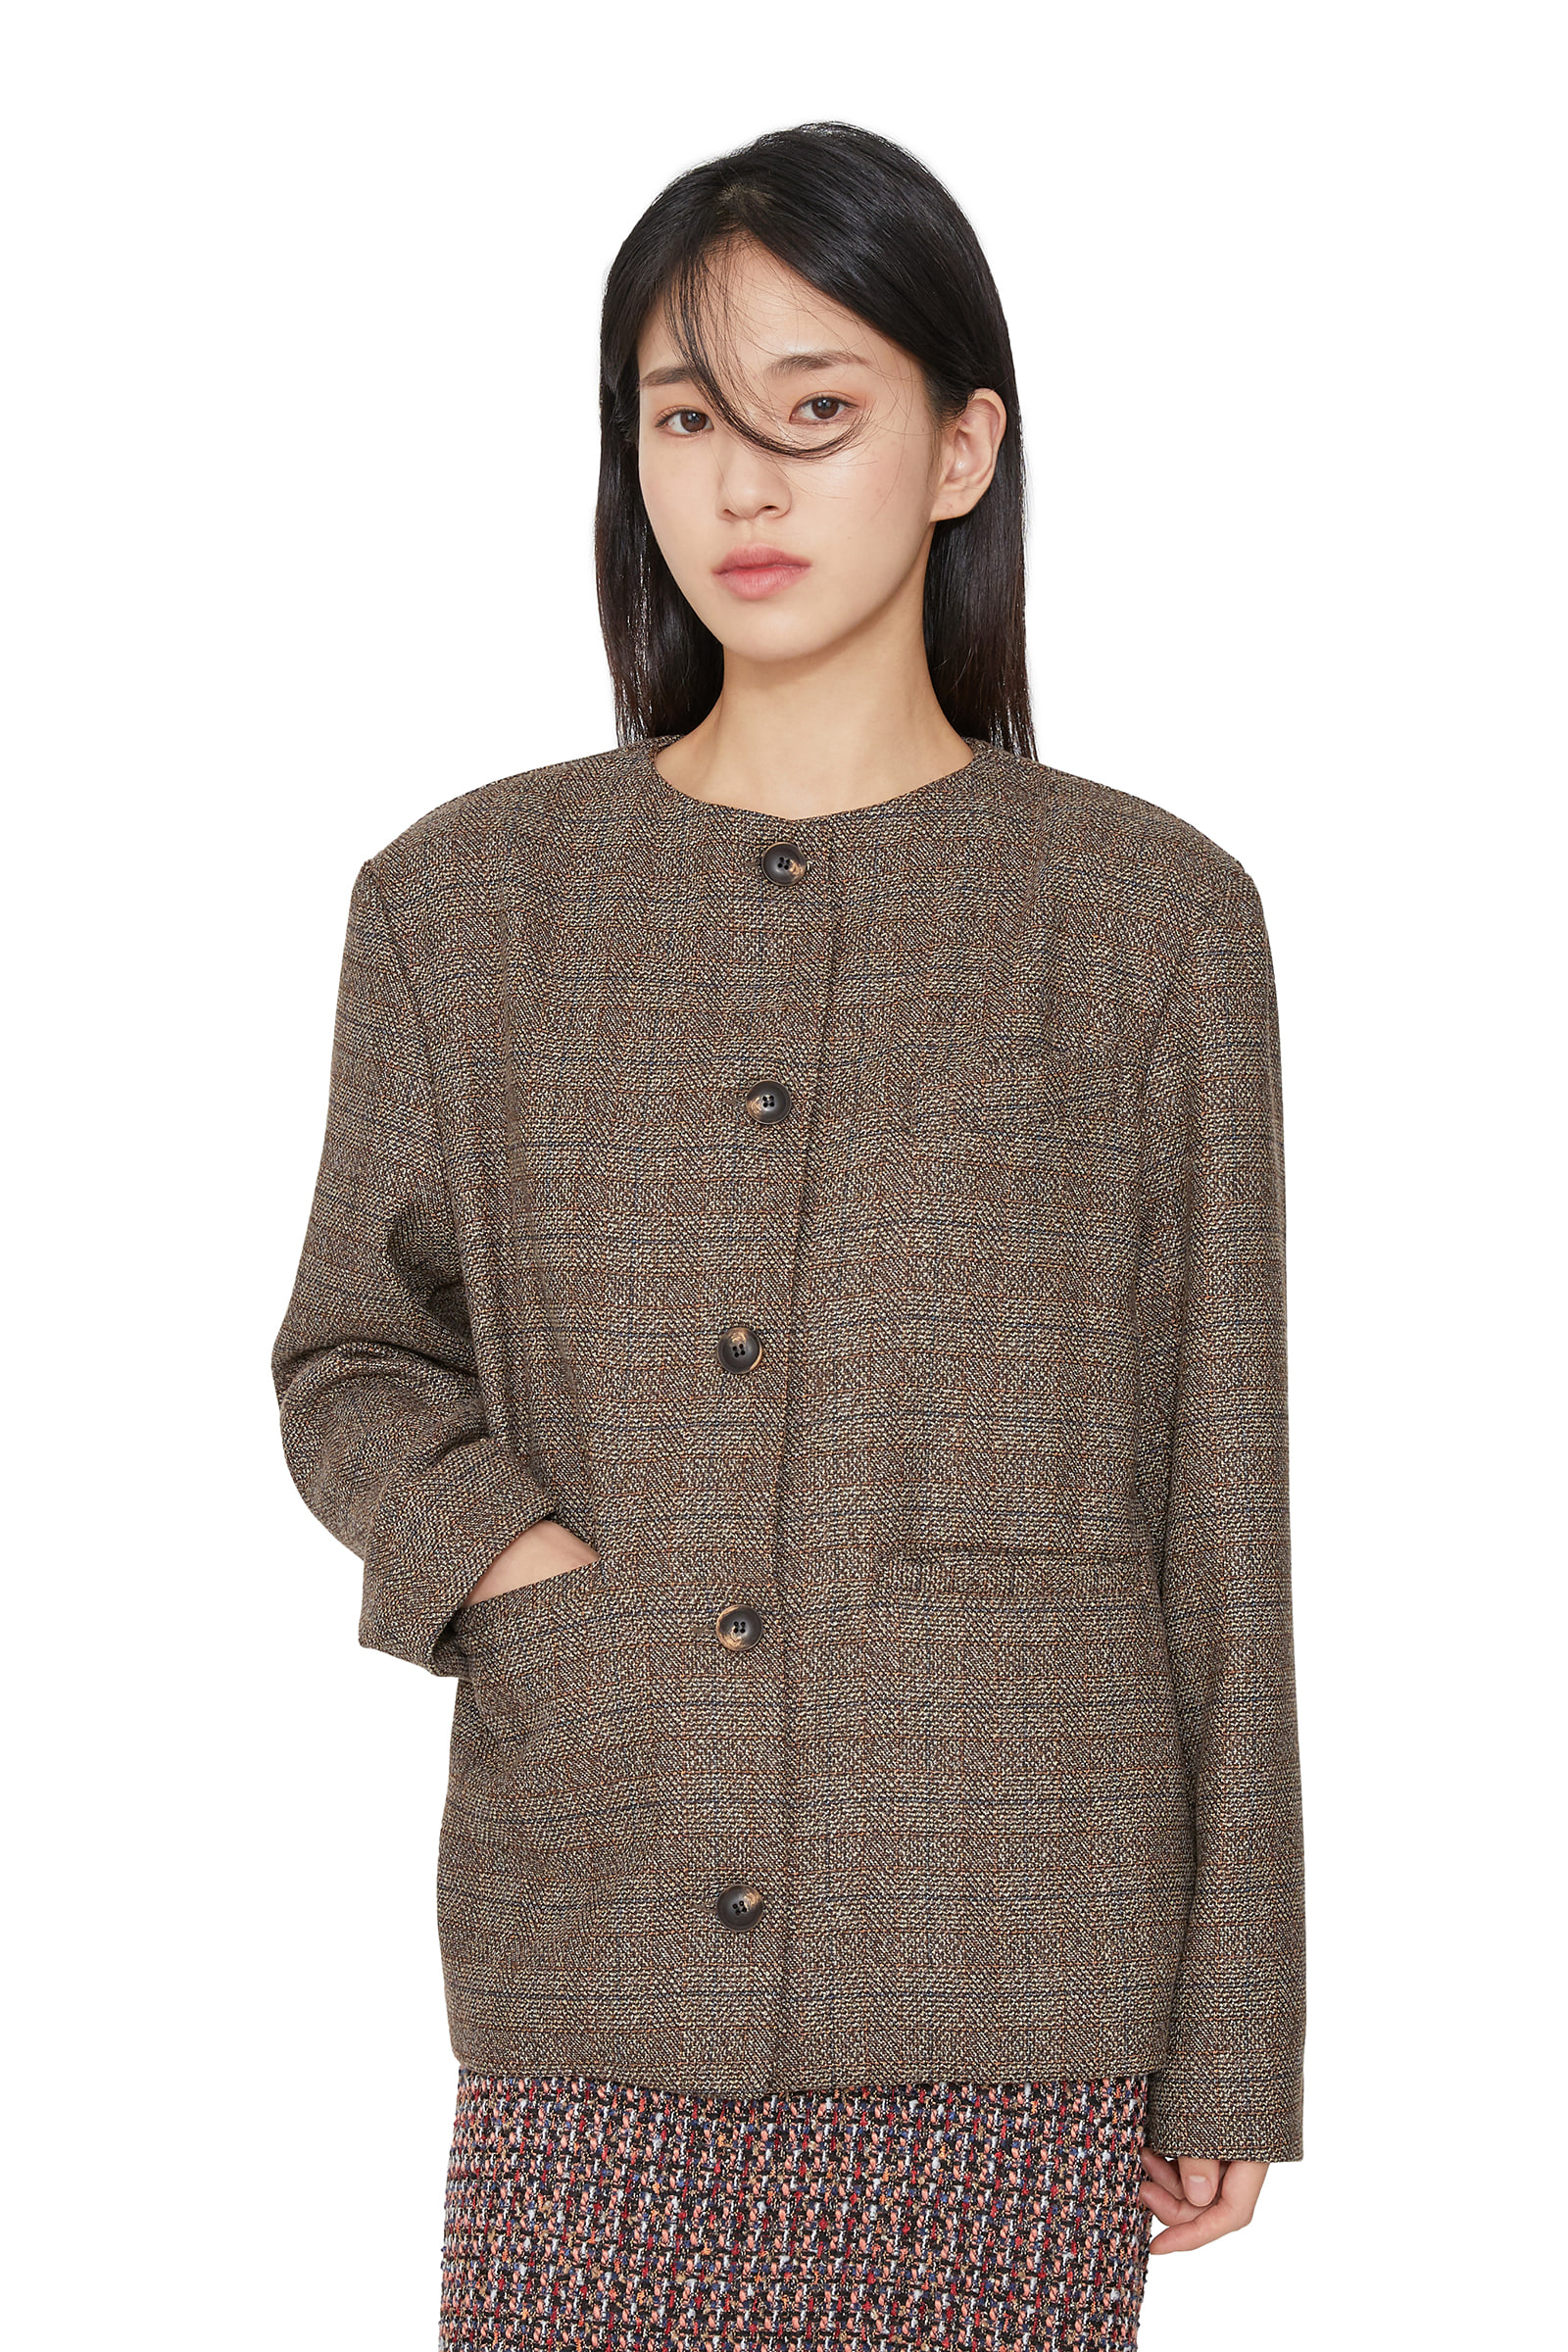 Ritz Cararis check jacket